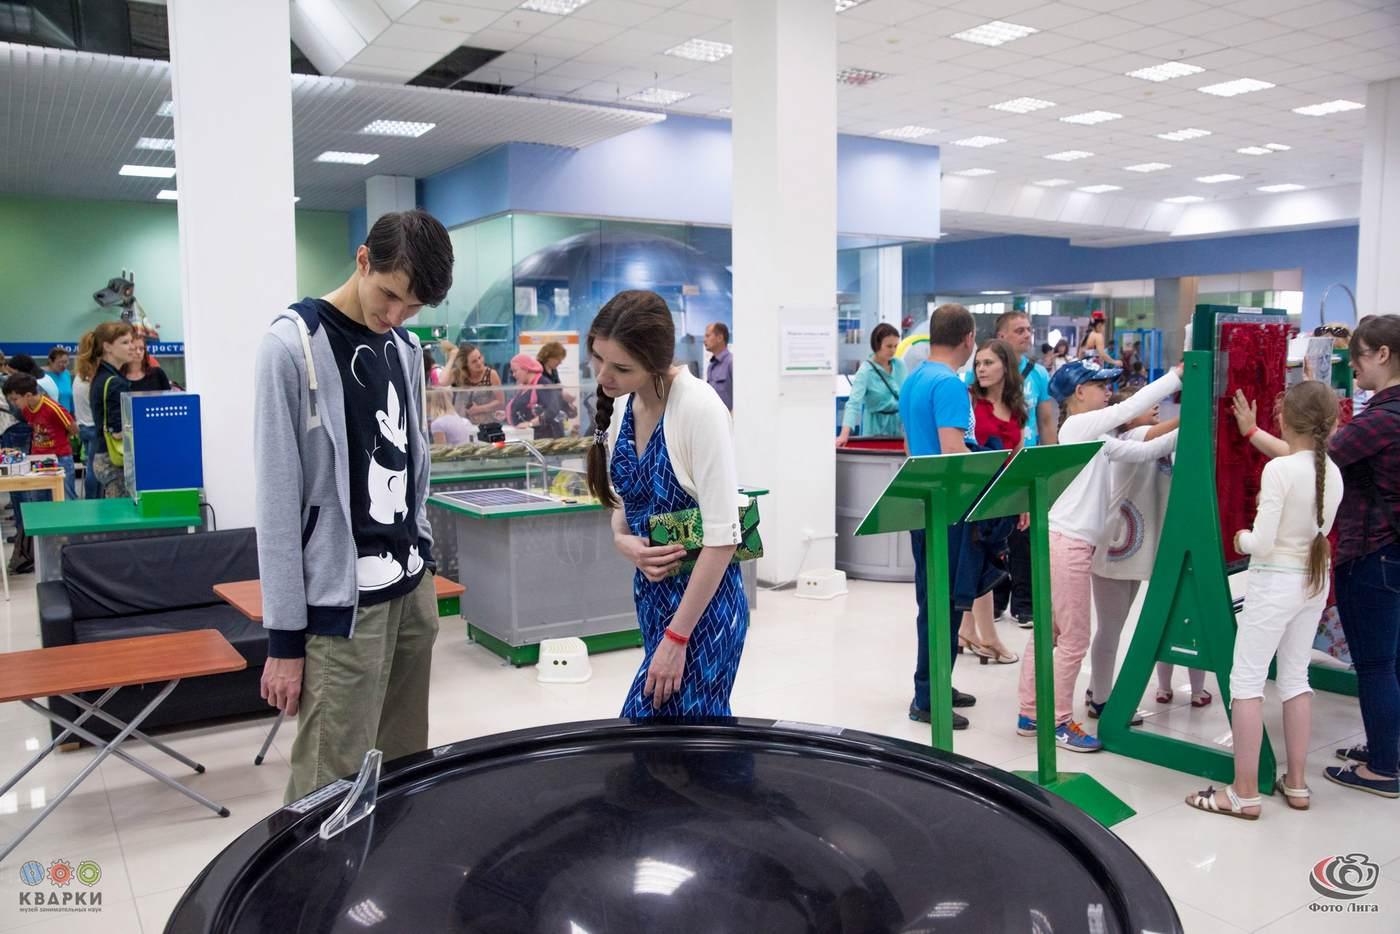 физические эксперименты в музее Кварки